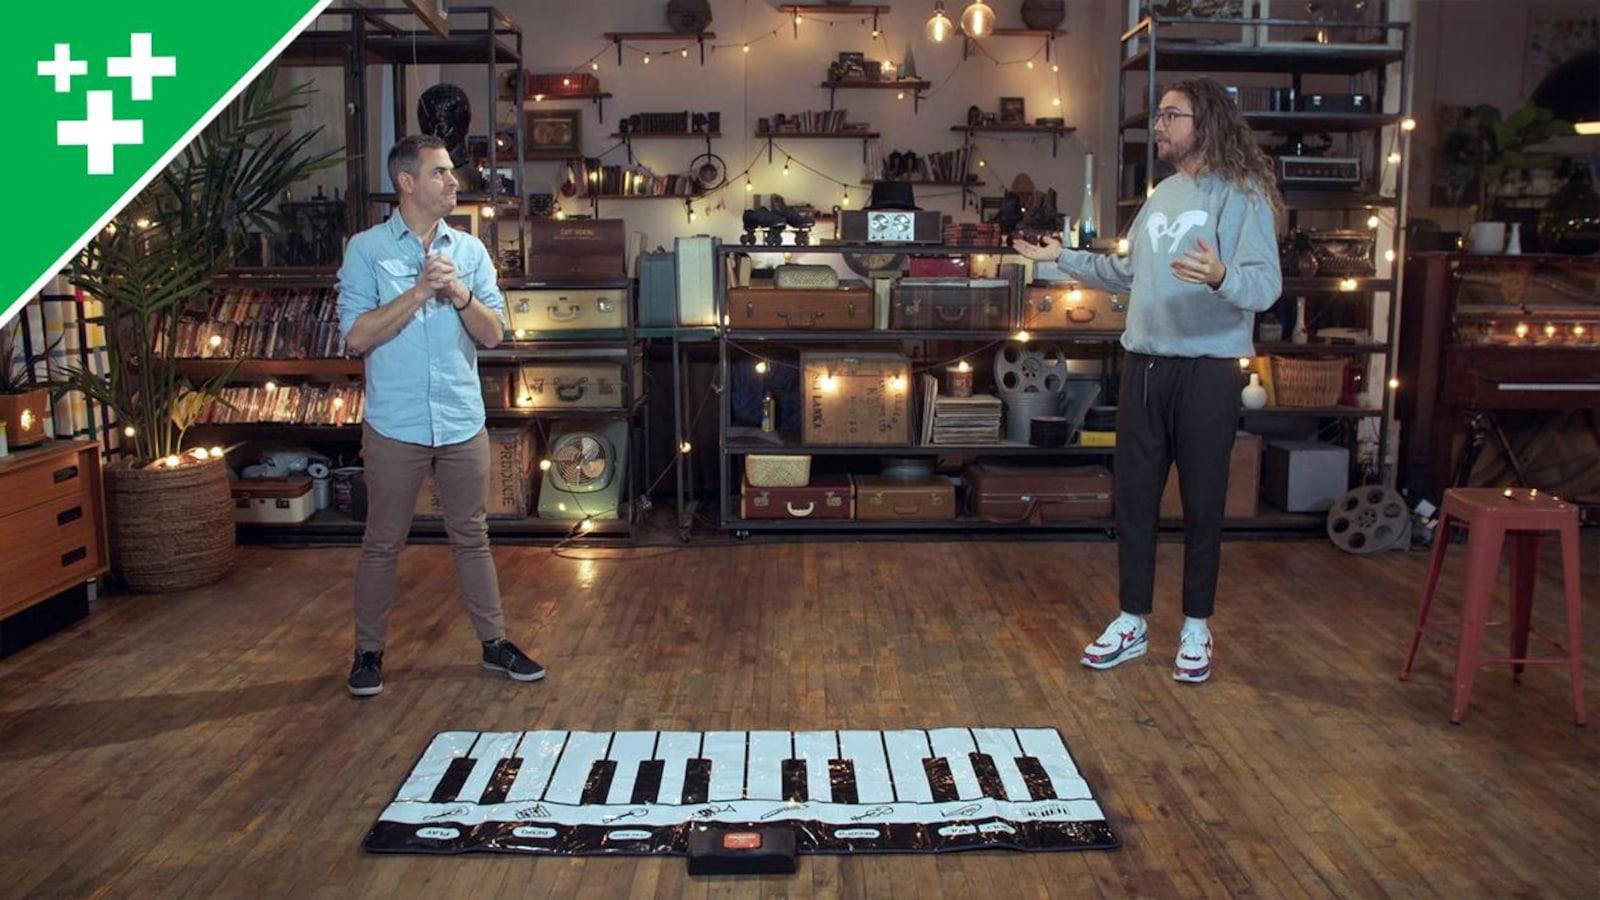 Ils vont jouer avec un piano géant au sol (bricolage)